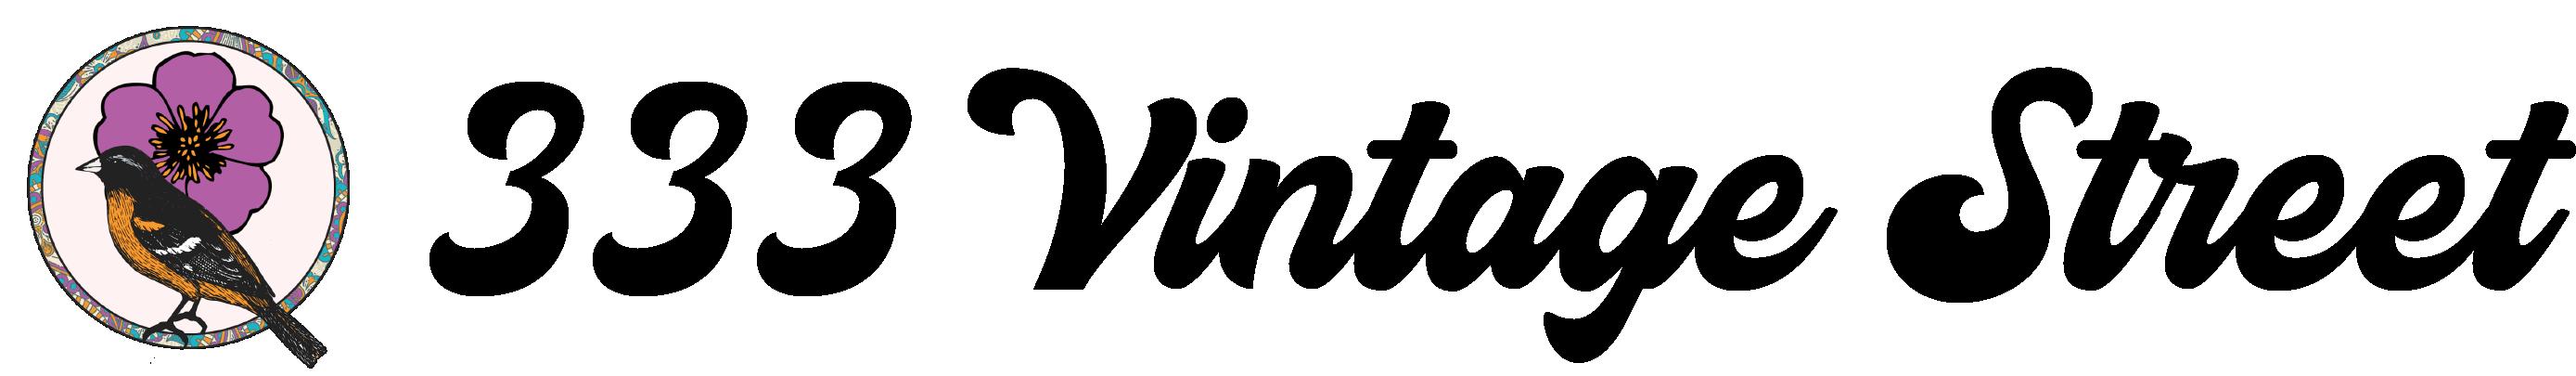 333 VS Desktop Logo